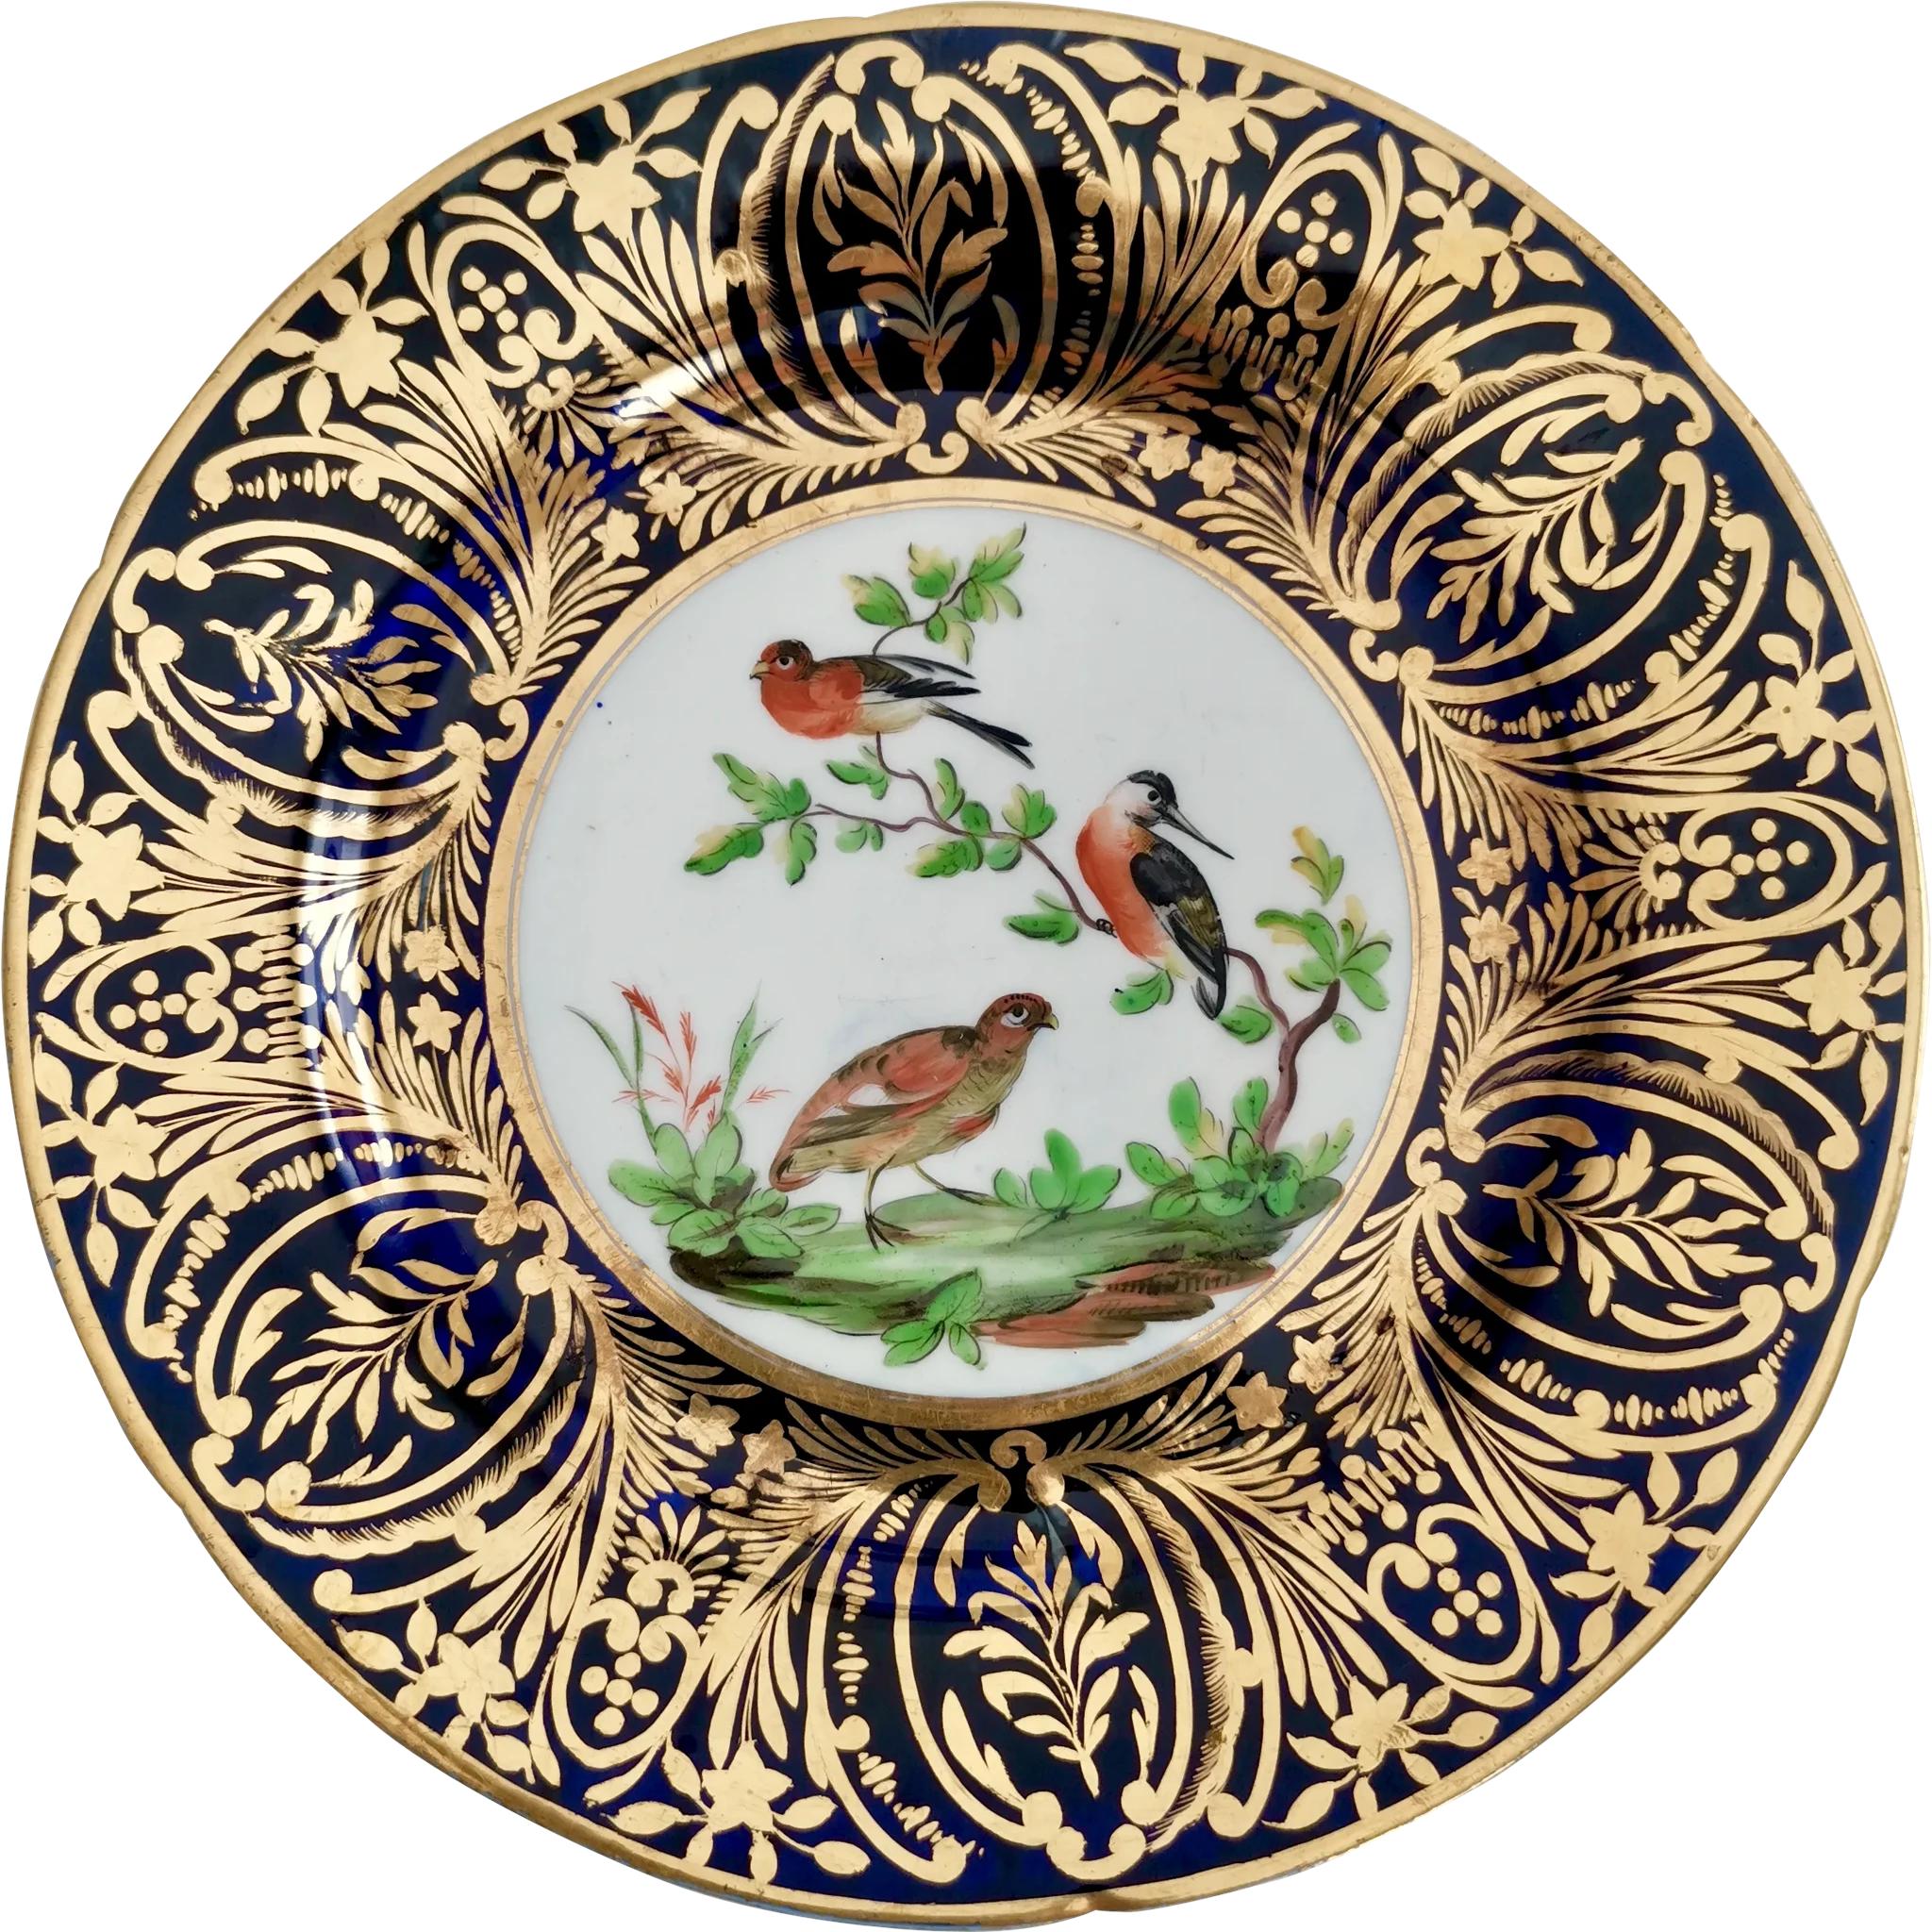 Coalport Plate London Decorated With Birds And Gilt Ca 1805 Found At Www Rubylane Com Vintagebeginshere Newarrivals Vin Antique Porcelain Porcelain Gilt